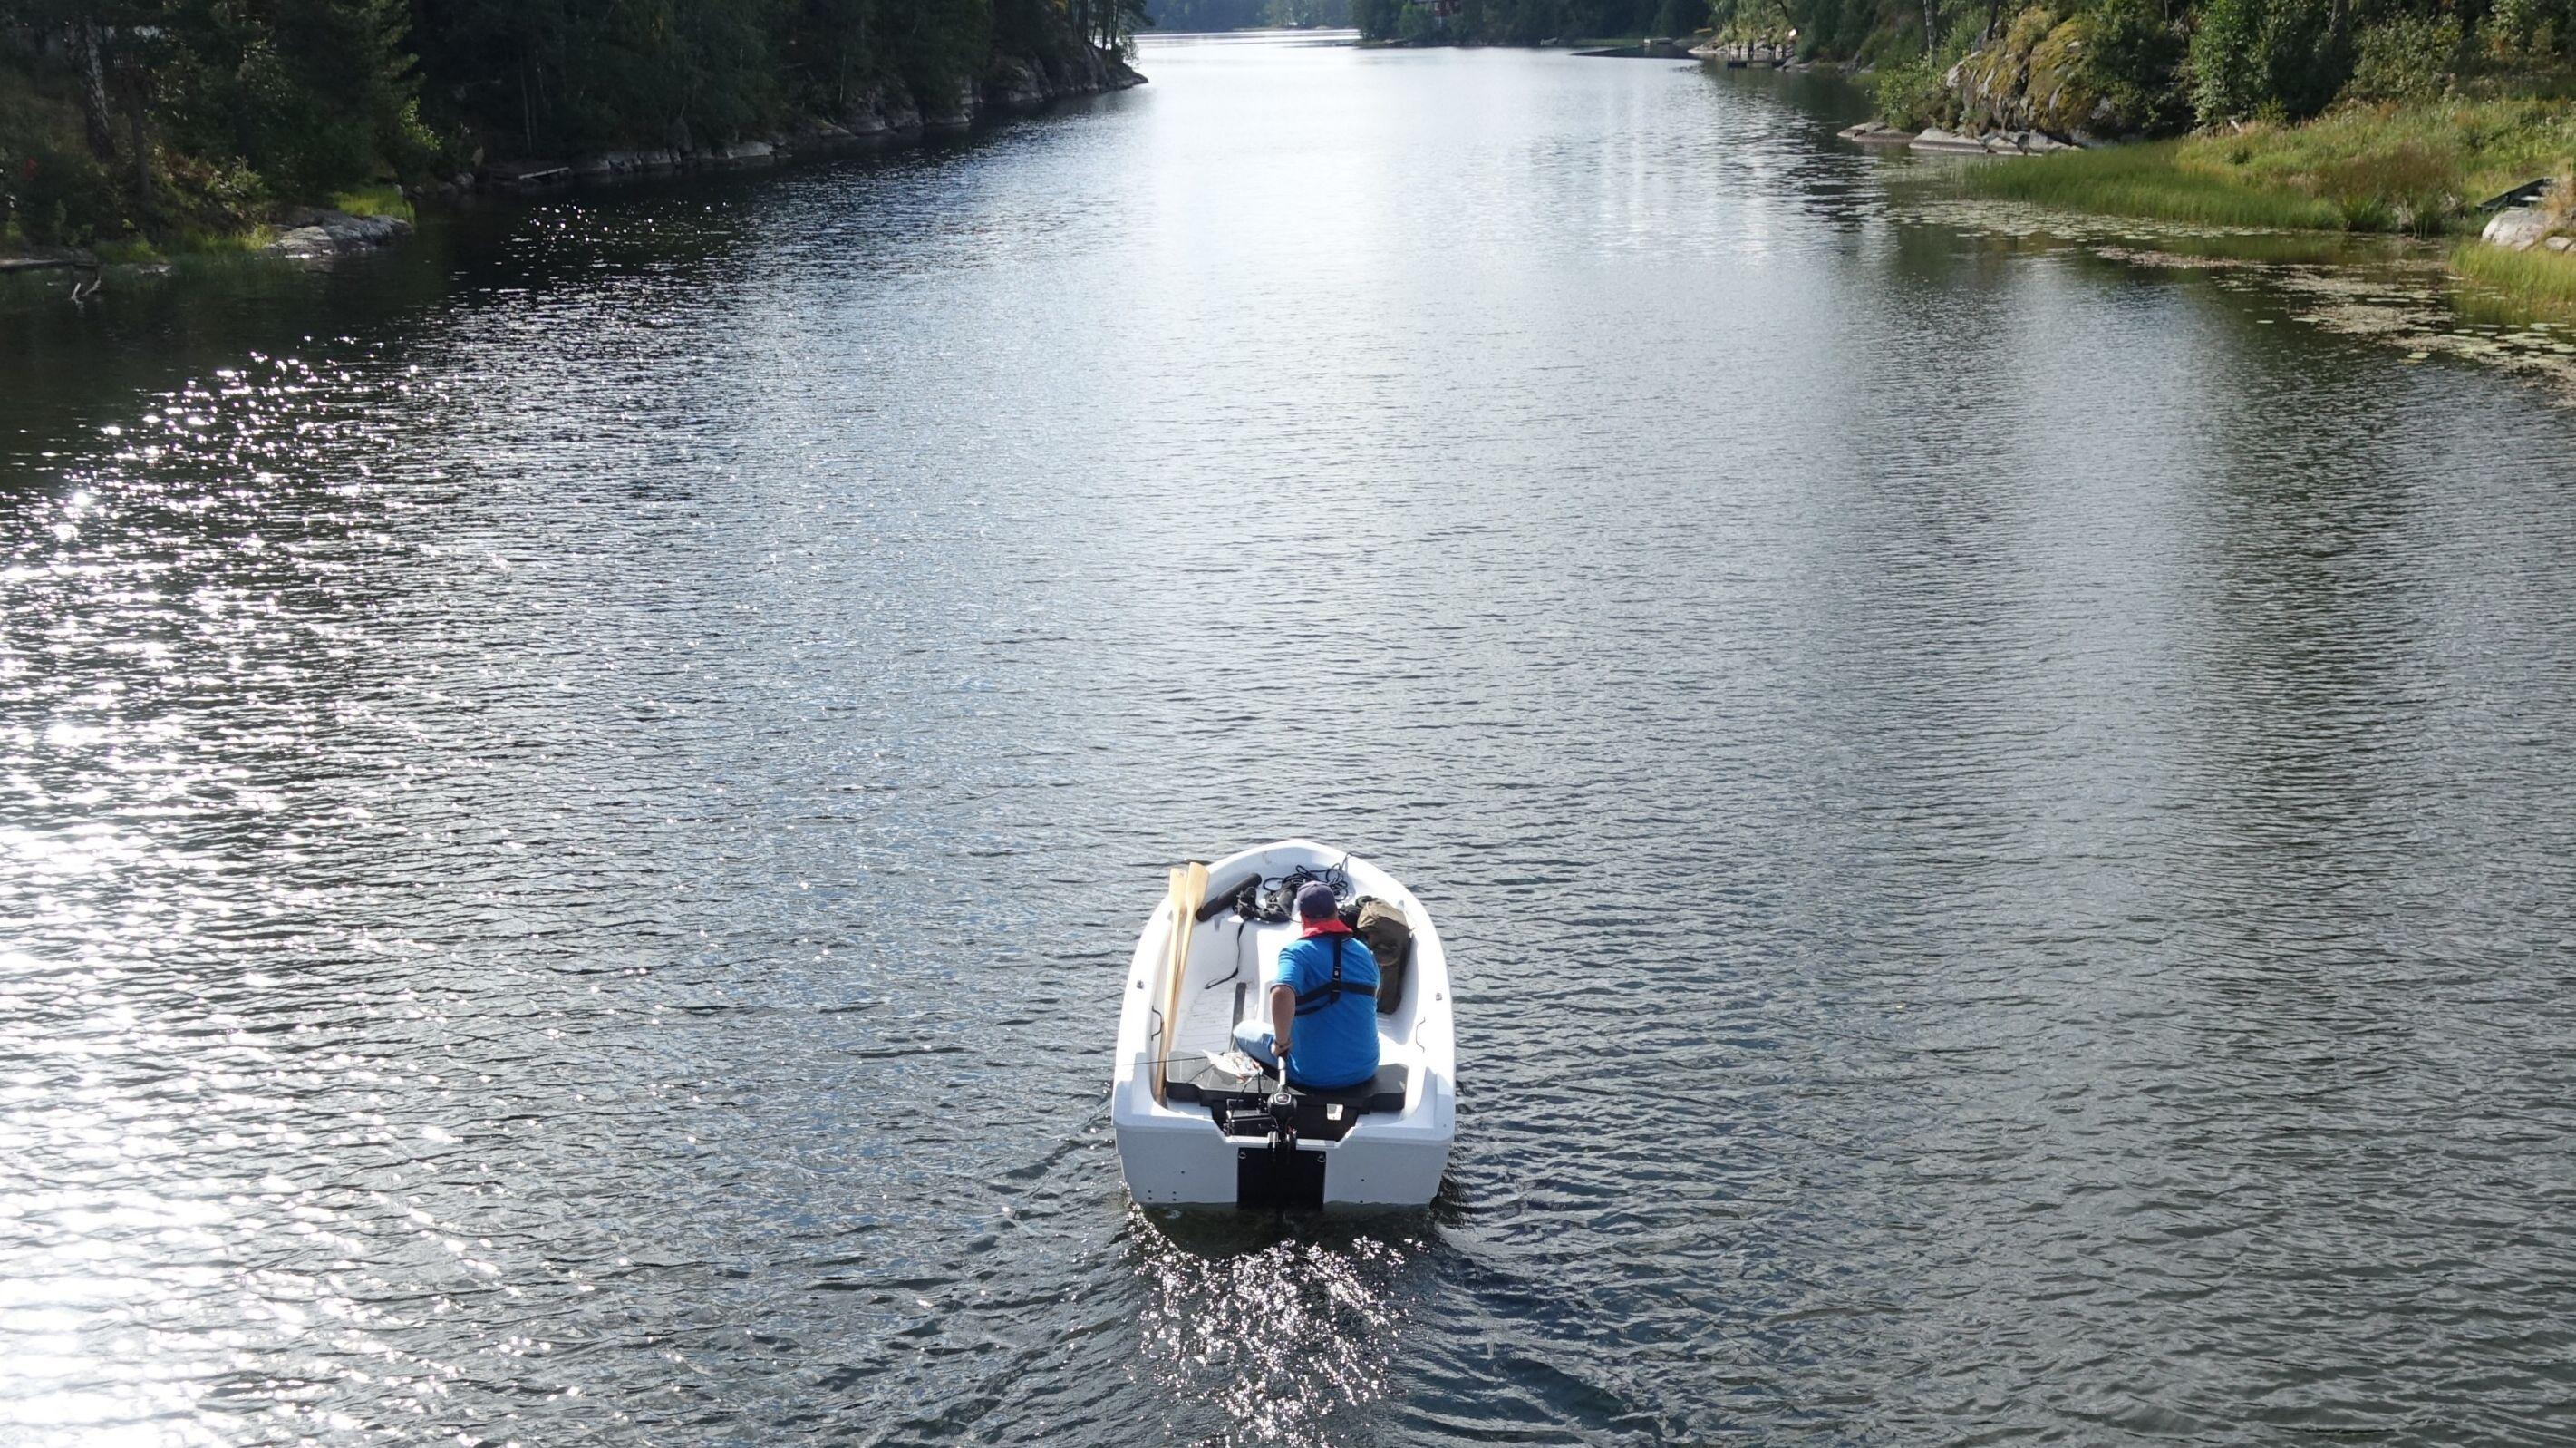 Elektrisk motor gir en utrolig behagelig opplevelse når du tar deg rundt på vannet.